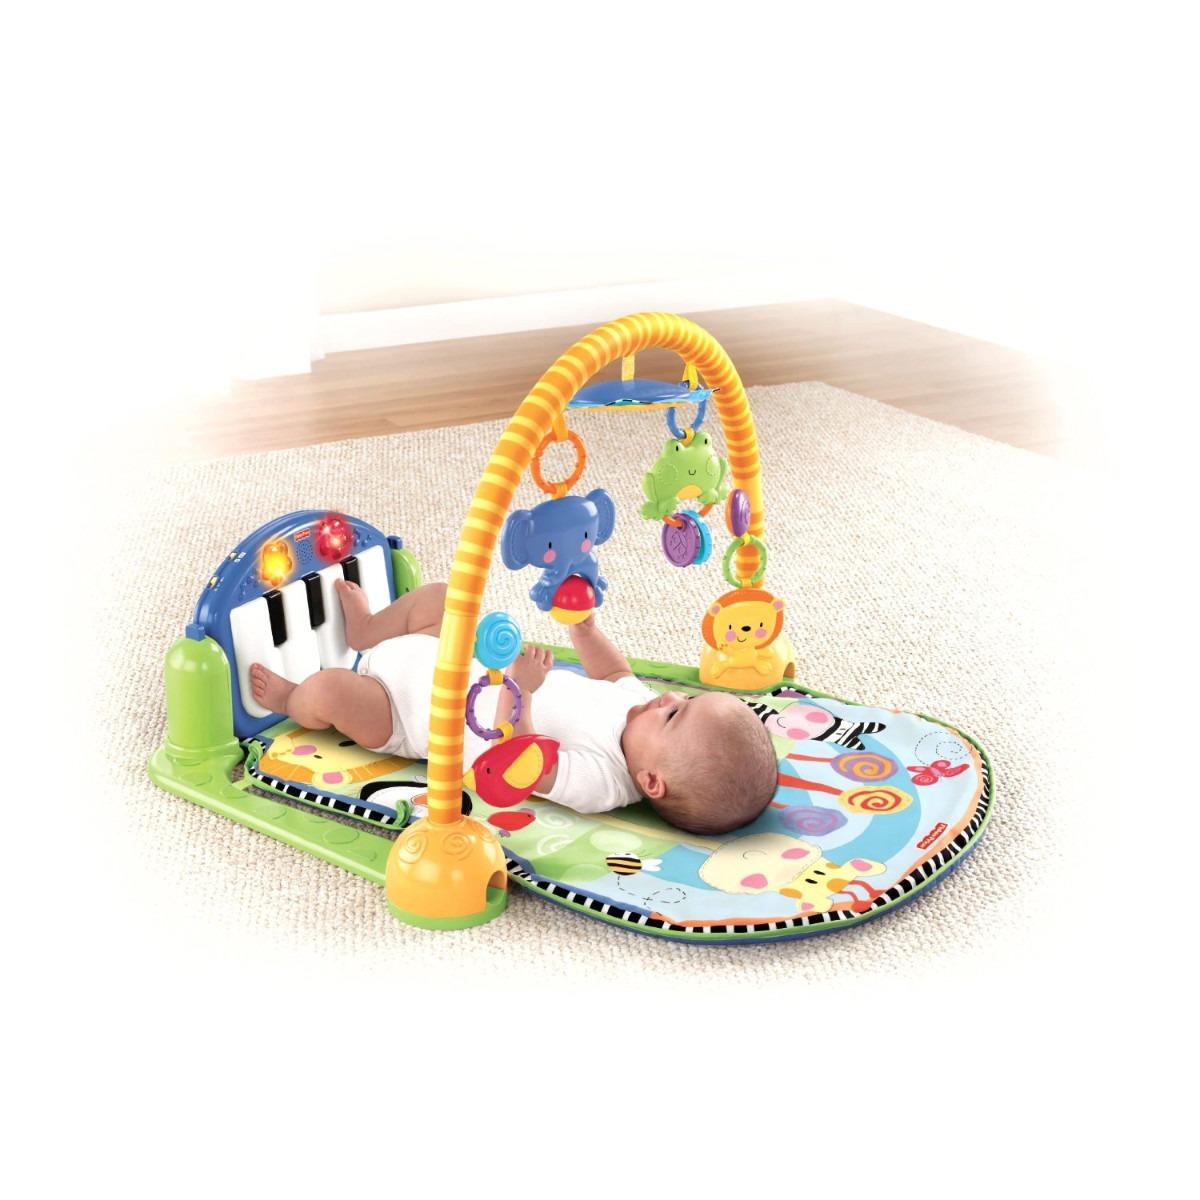 Fisher price gimnasio musical para bebe oferta for Espejo retrovisor bebe fisher price